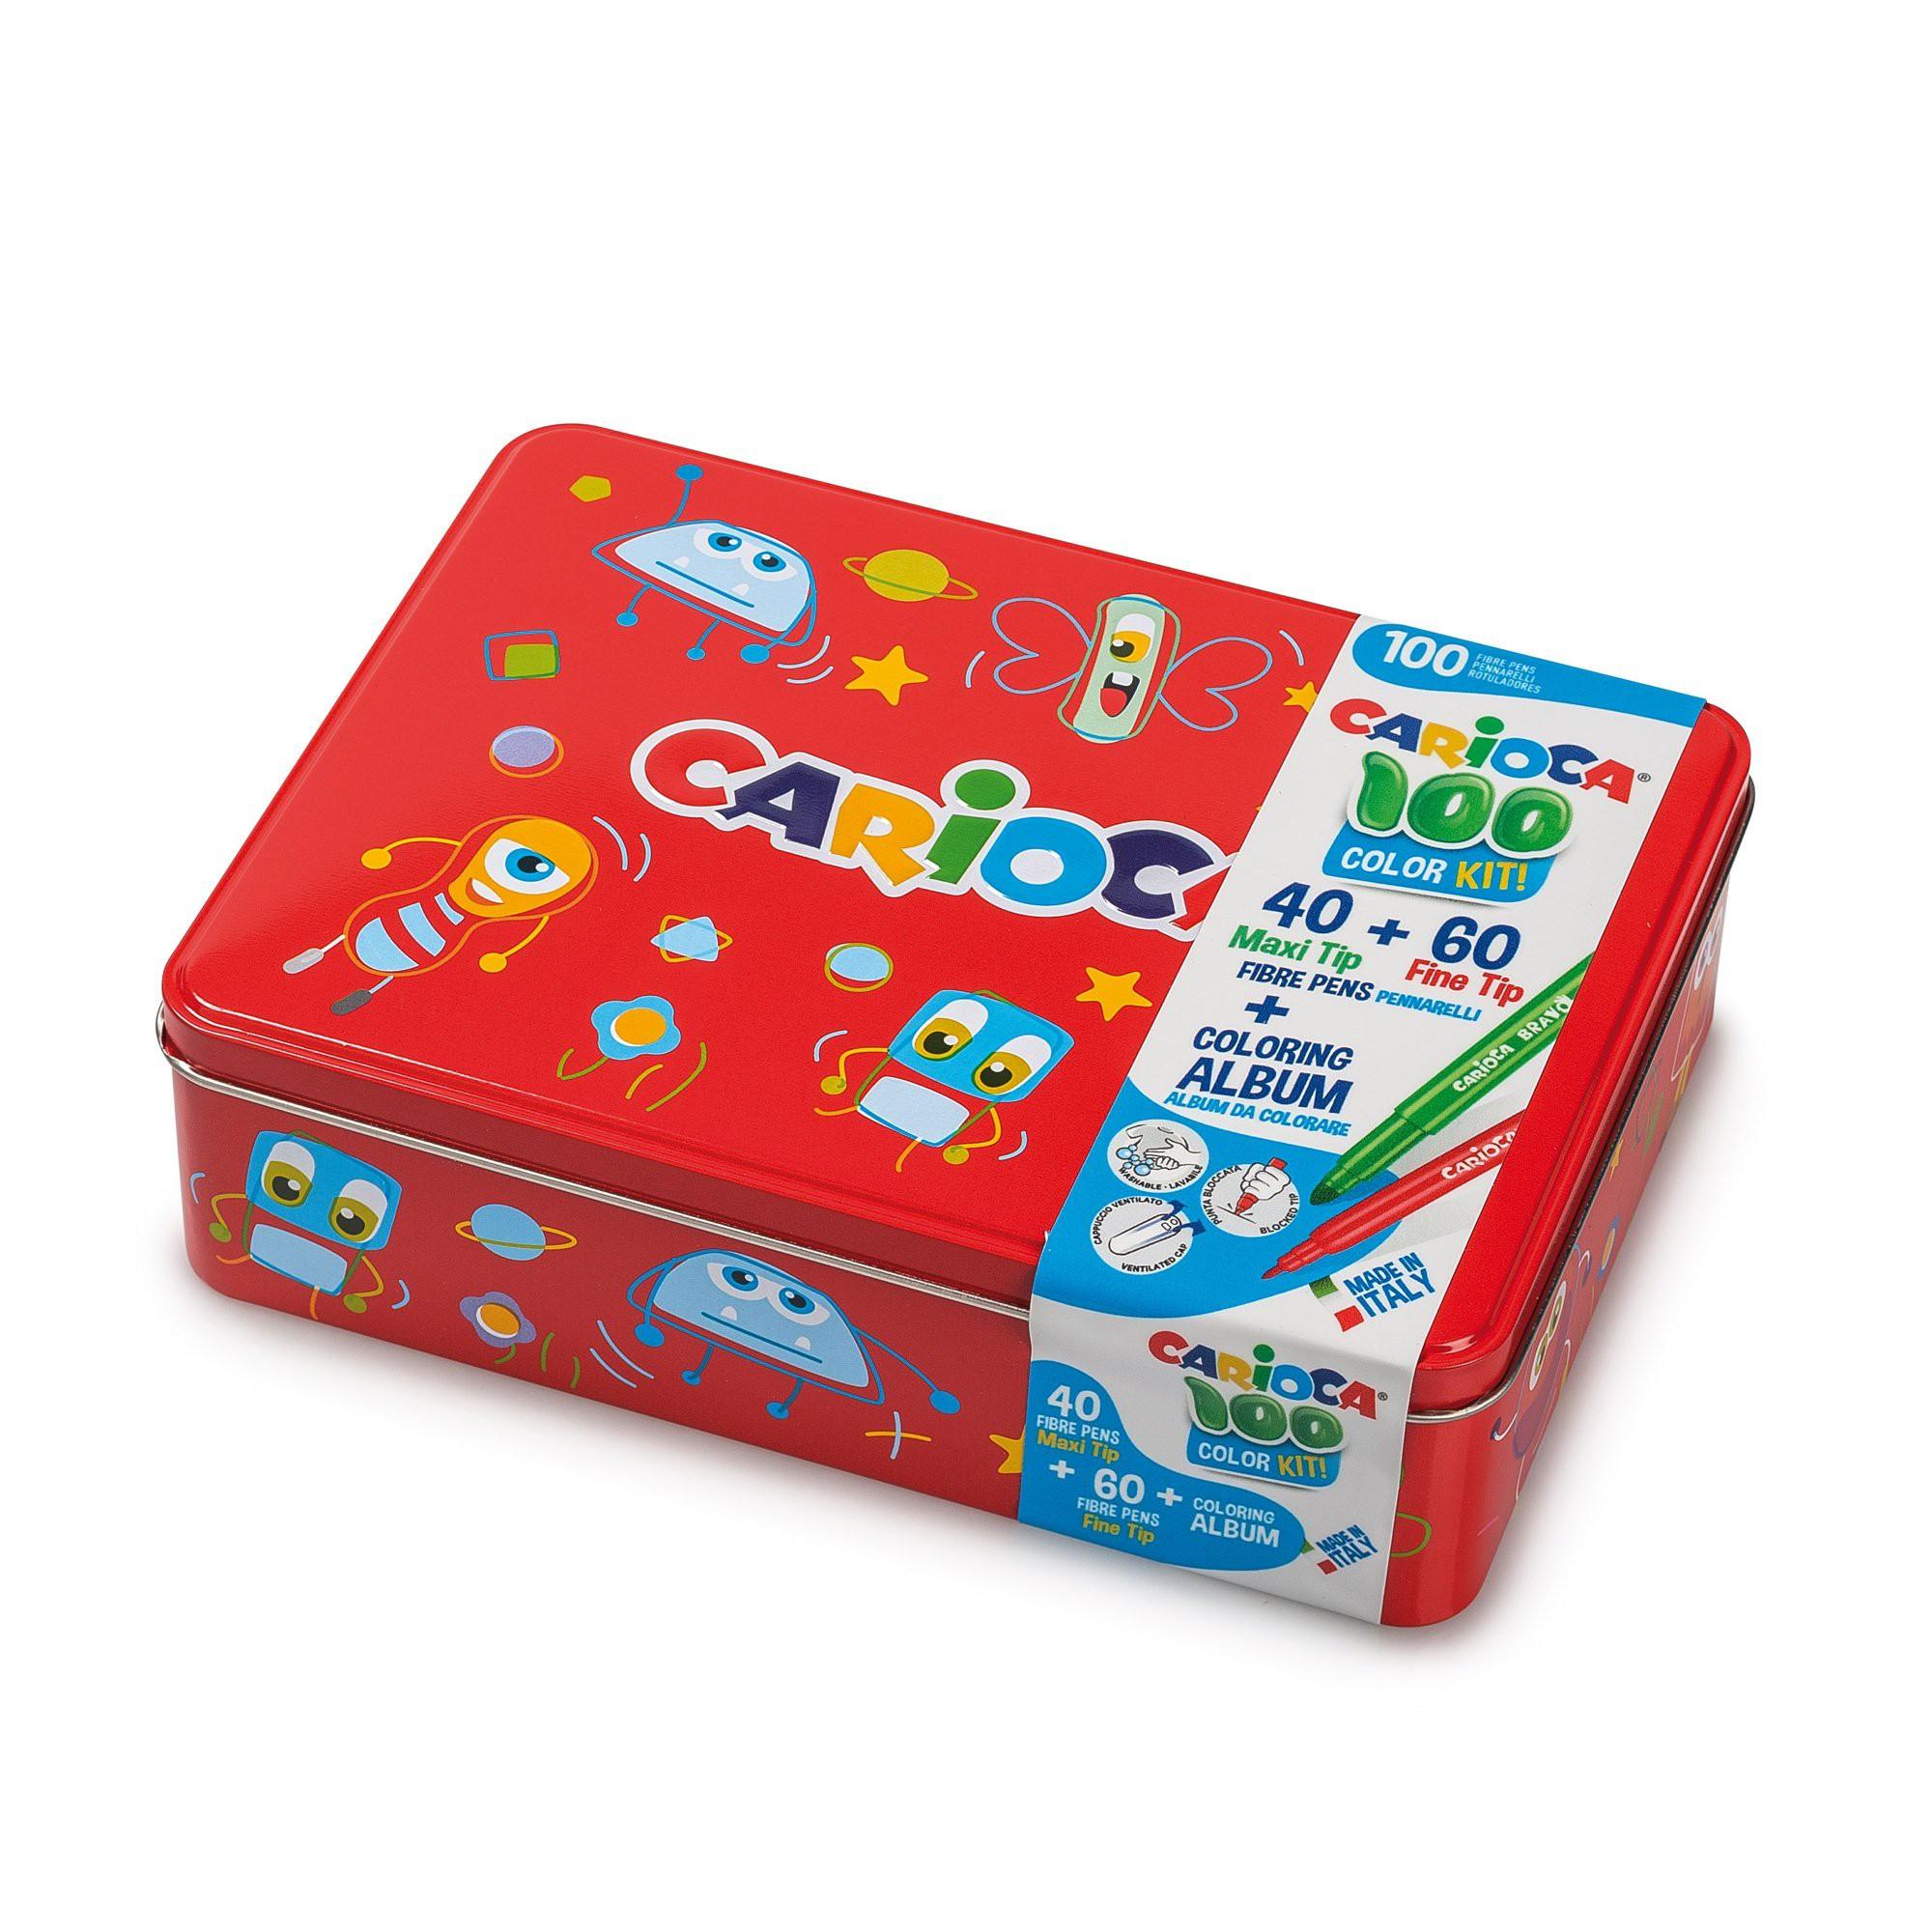 con Album da Colorare 42736//03 CARIOCA BOX Scatola Latta Rossa Pennarelli Superlavabili Punta Fine e Maxi 100 Pennarelli